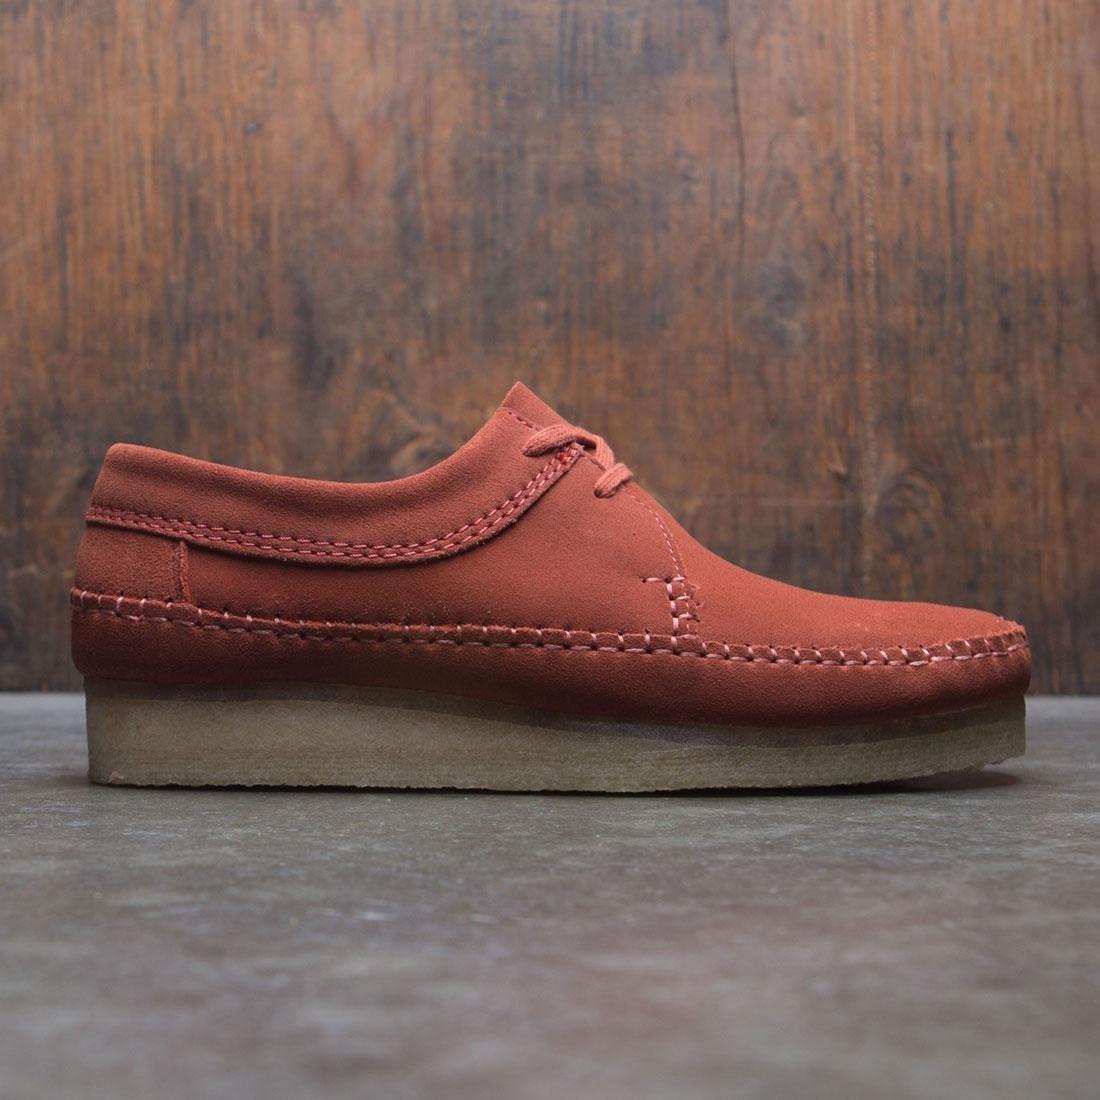 【海外限定】クラークス スエード スウェード メンズ靴 スニーカー 【 CLARKS MEN WEAVER SUEDE RED BRICK 】